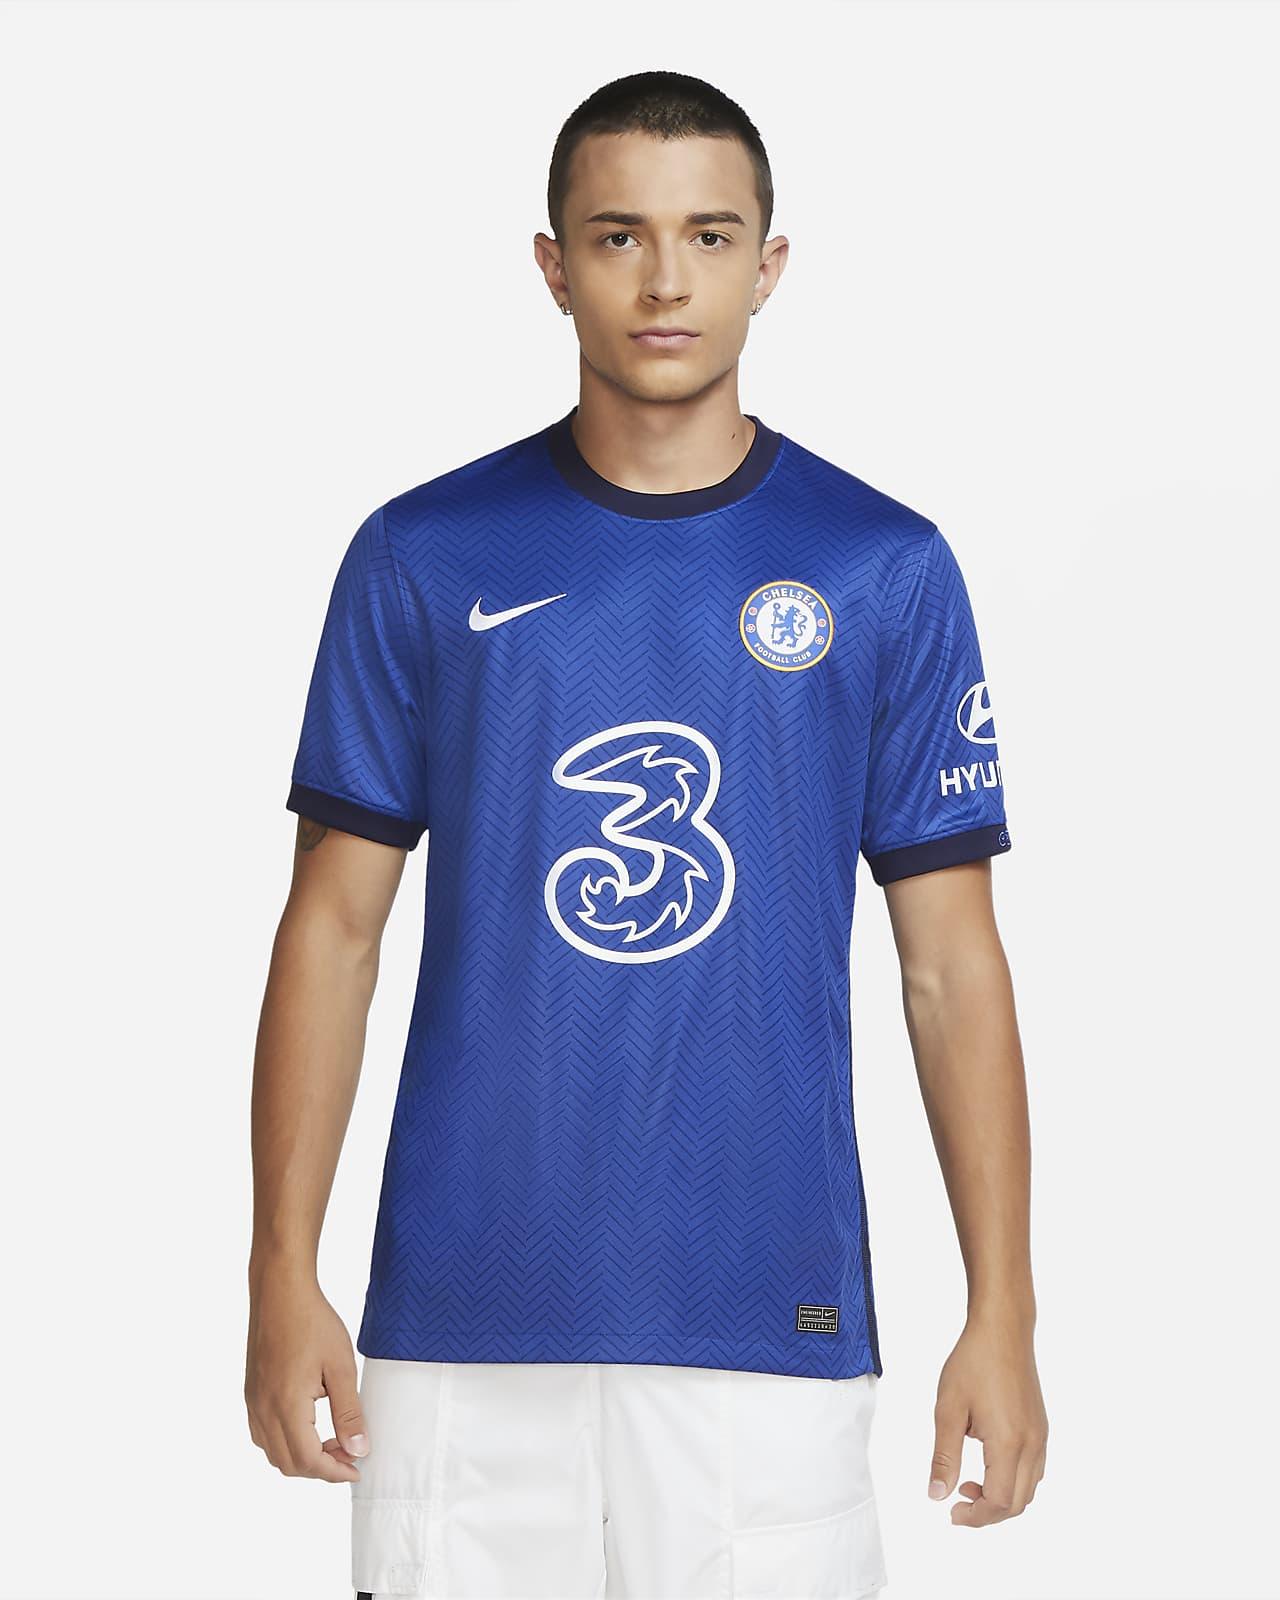 Camisola de futebol do equipamento principal Stadium Chelsea FC 2020/21 para homem